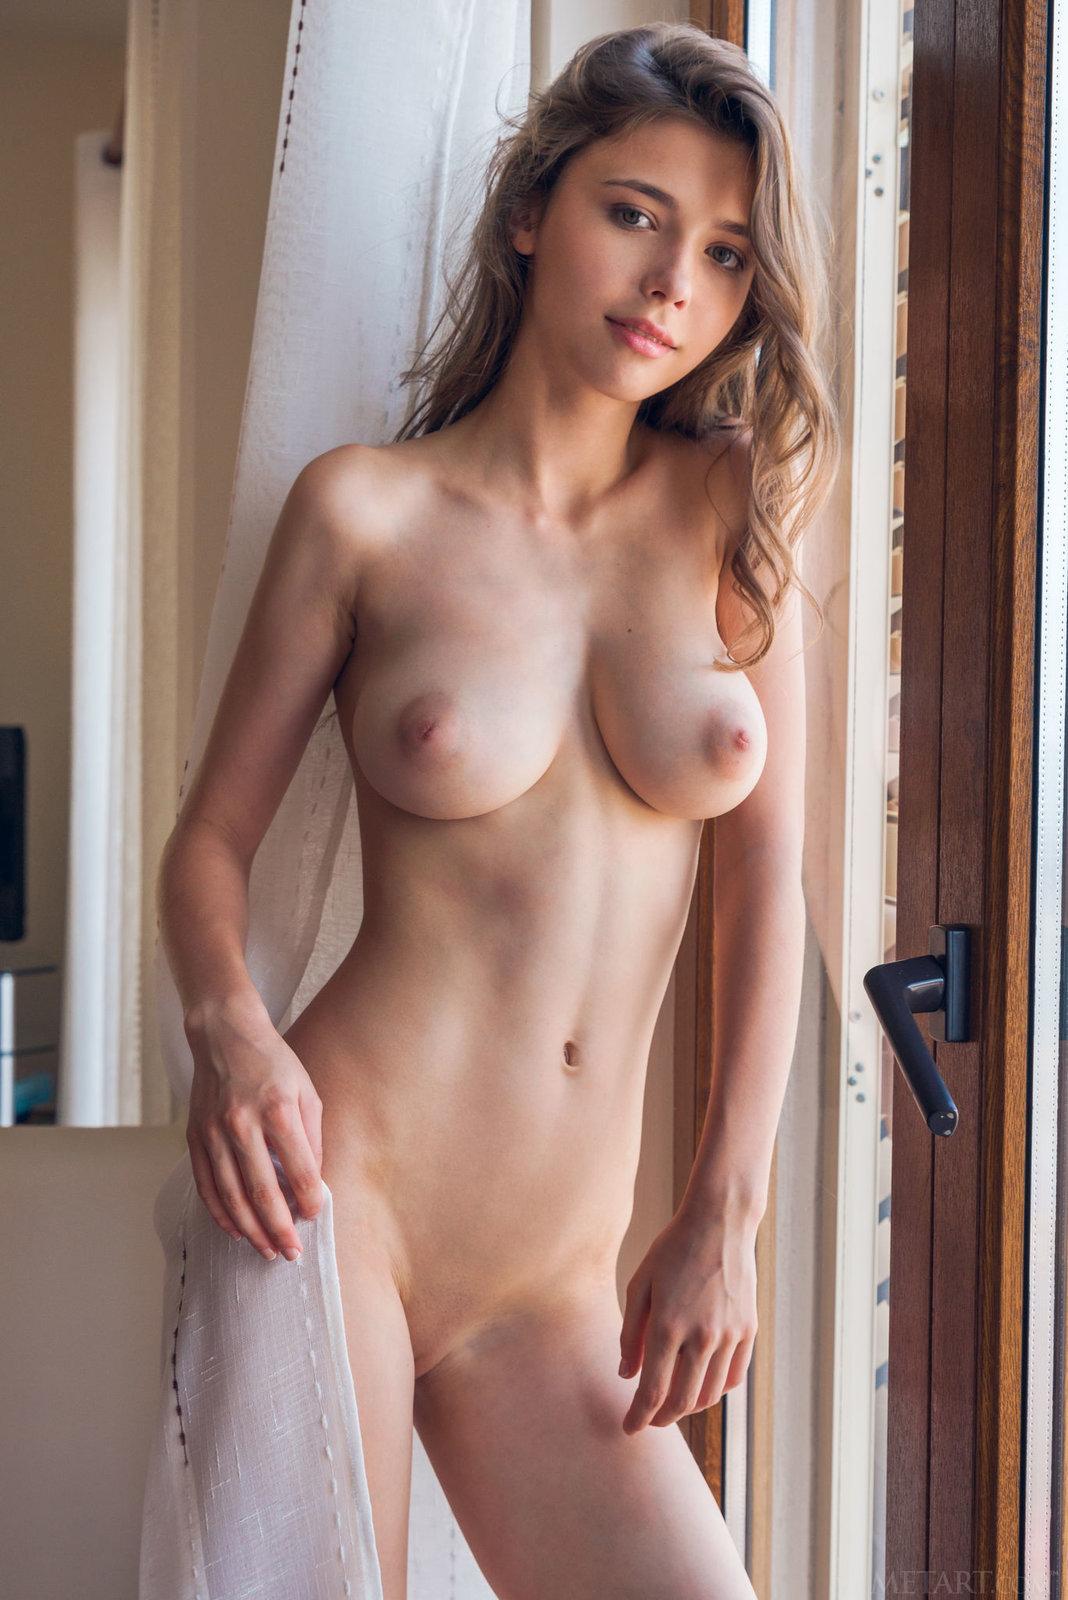 Zdjęcie porno - 1116 - Różowa bielizna